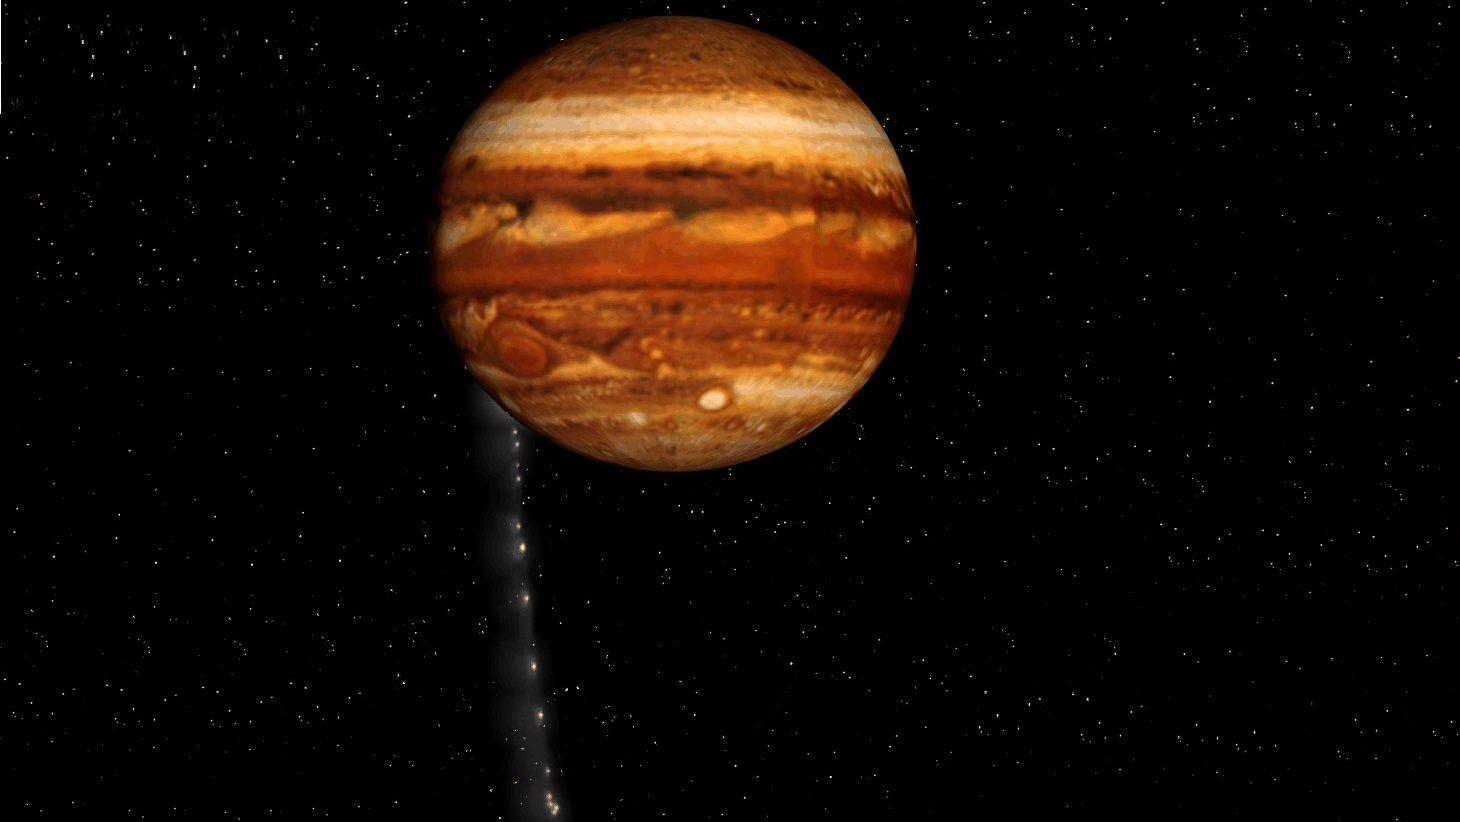 Giove è stato colpito da un meteorite di 450 tonnellate. La scoperta